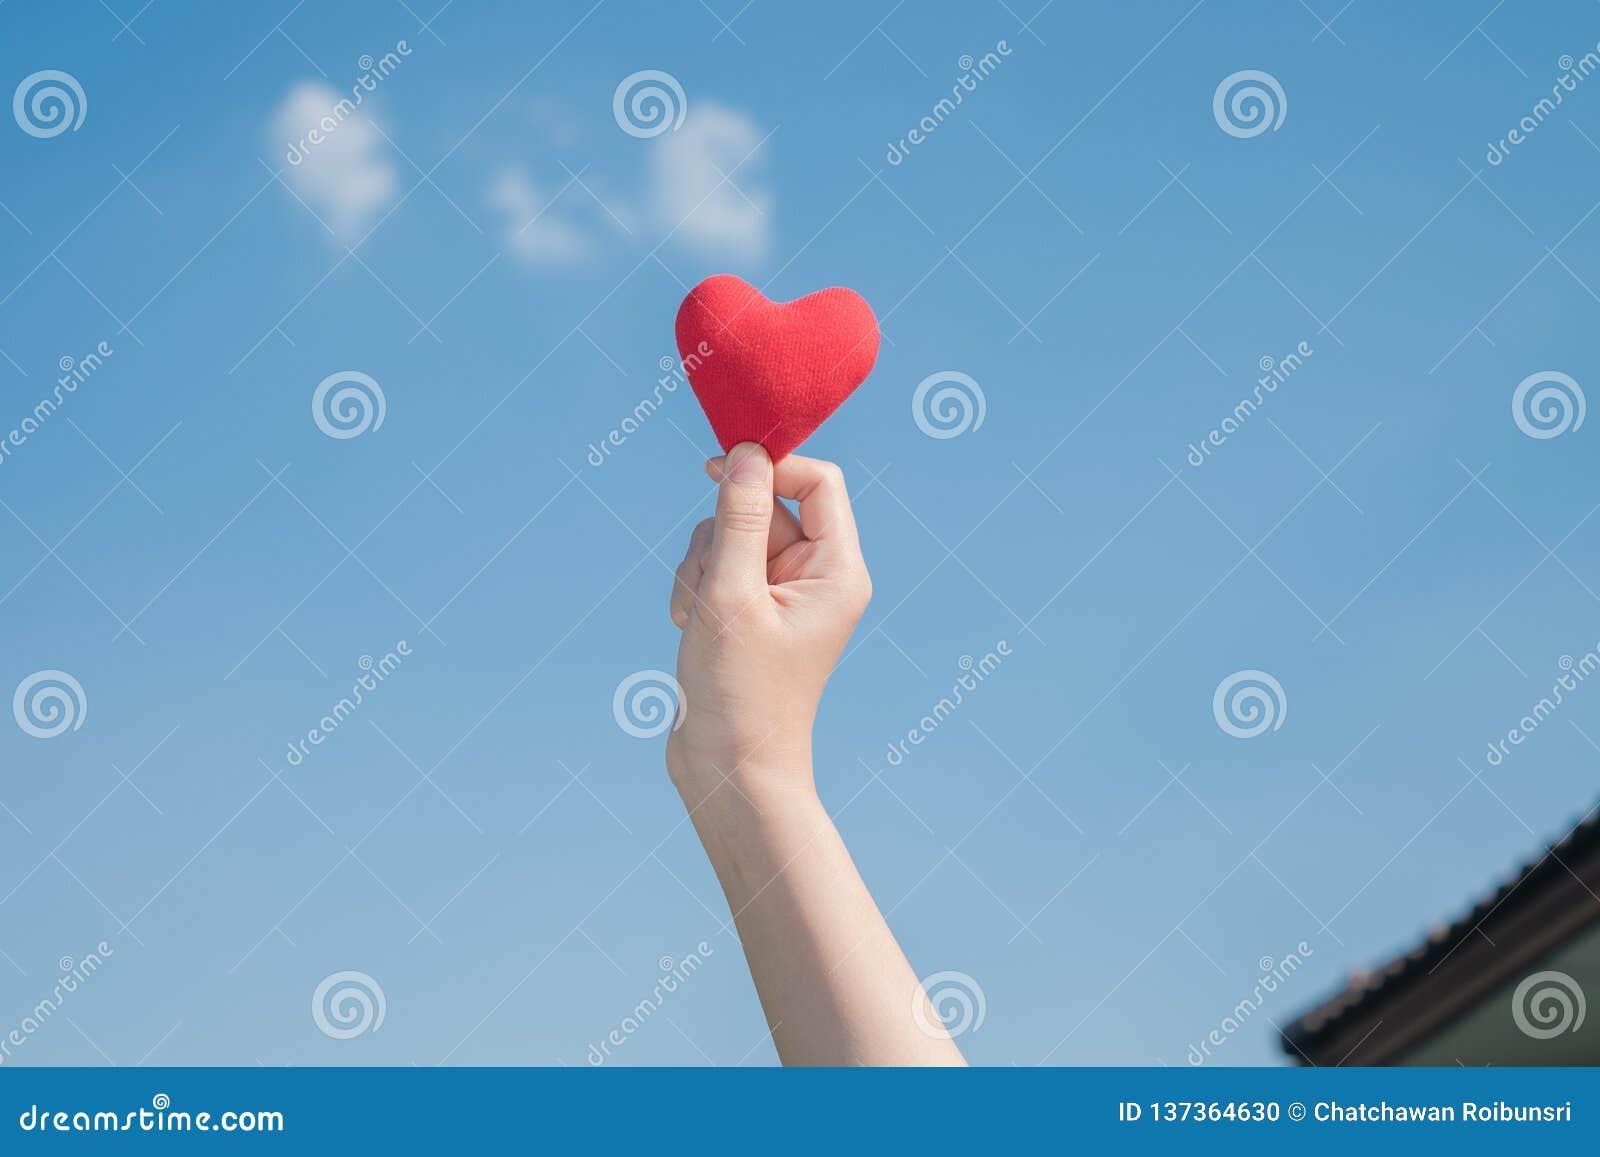 Χέρι γυναικών που κρατά μια κόκκινη καρδιά με ένα φωτεινό μπλε υπόβαθρο άνδρας αγάπης φιλιών έννοιας στη γυναίκα